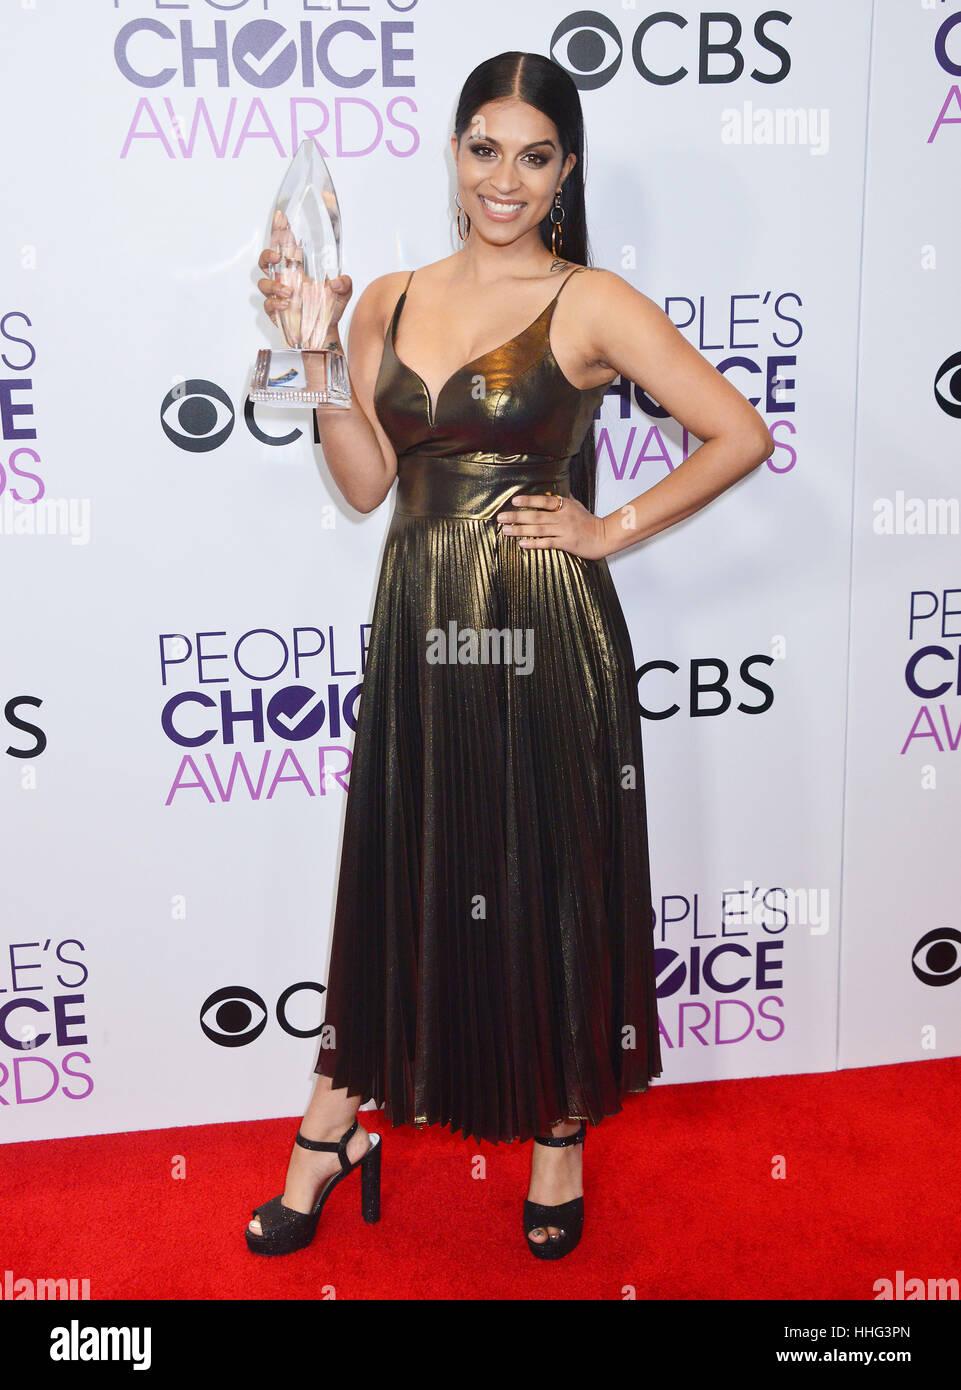 Lilly Singh 269 das Volk Wahl Auszeichnungen 2017 an die Microsoft-Theatre in Los Angeles angekommen. 18. Januar Stockbild